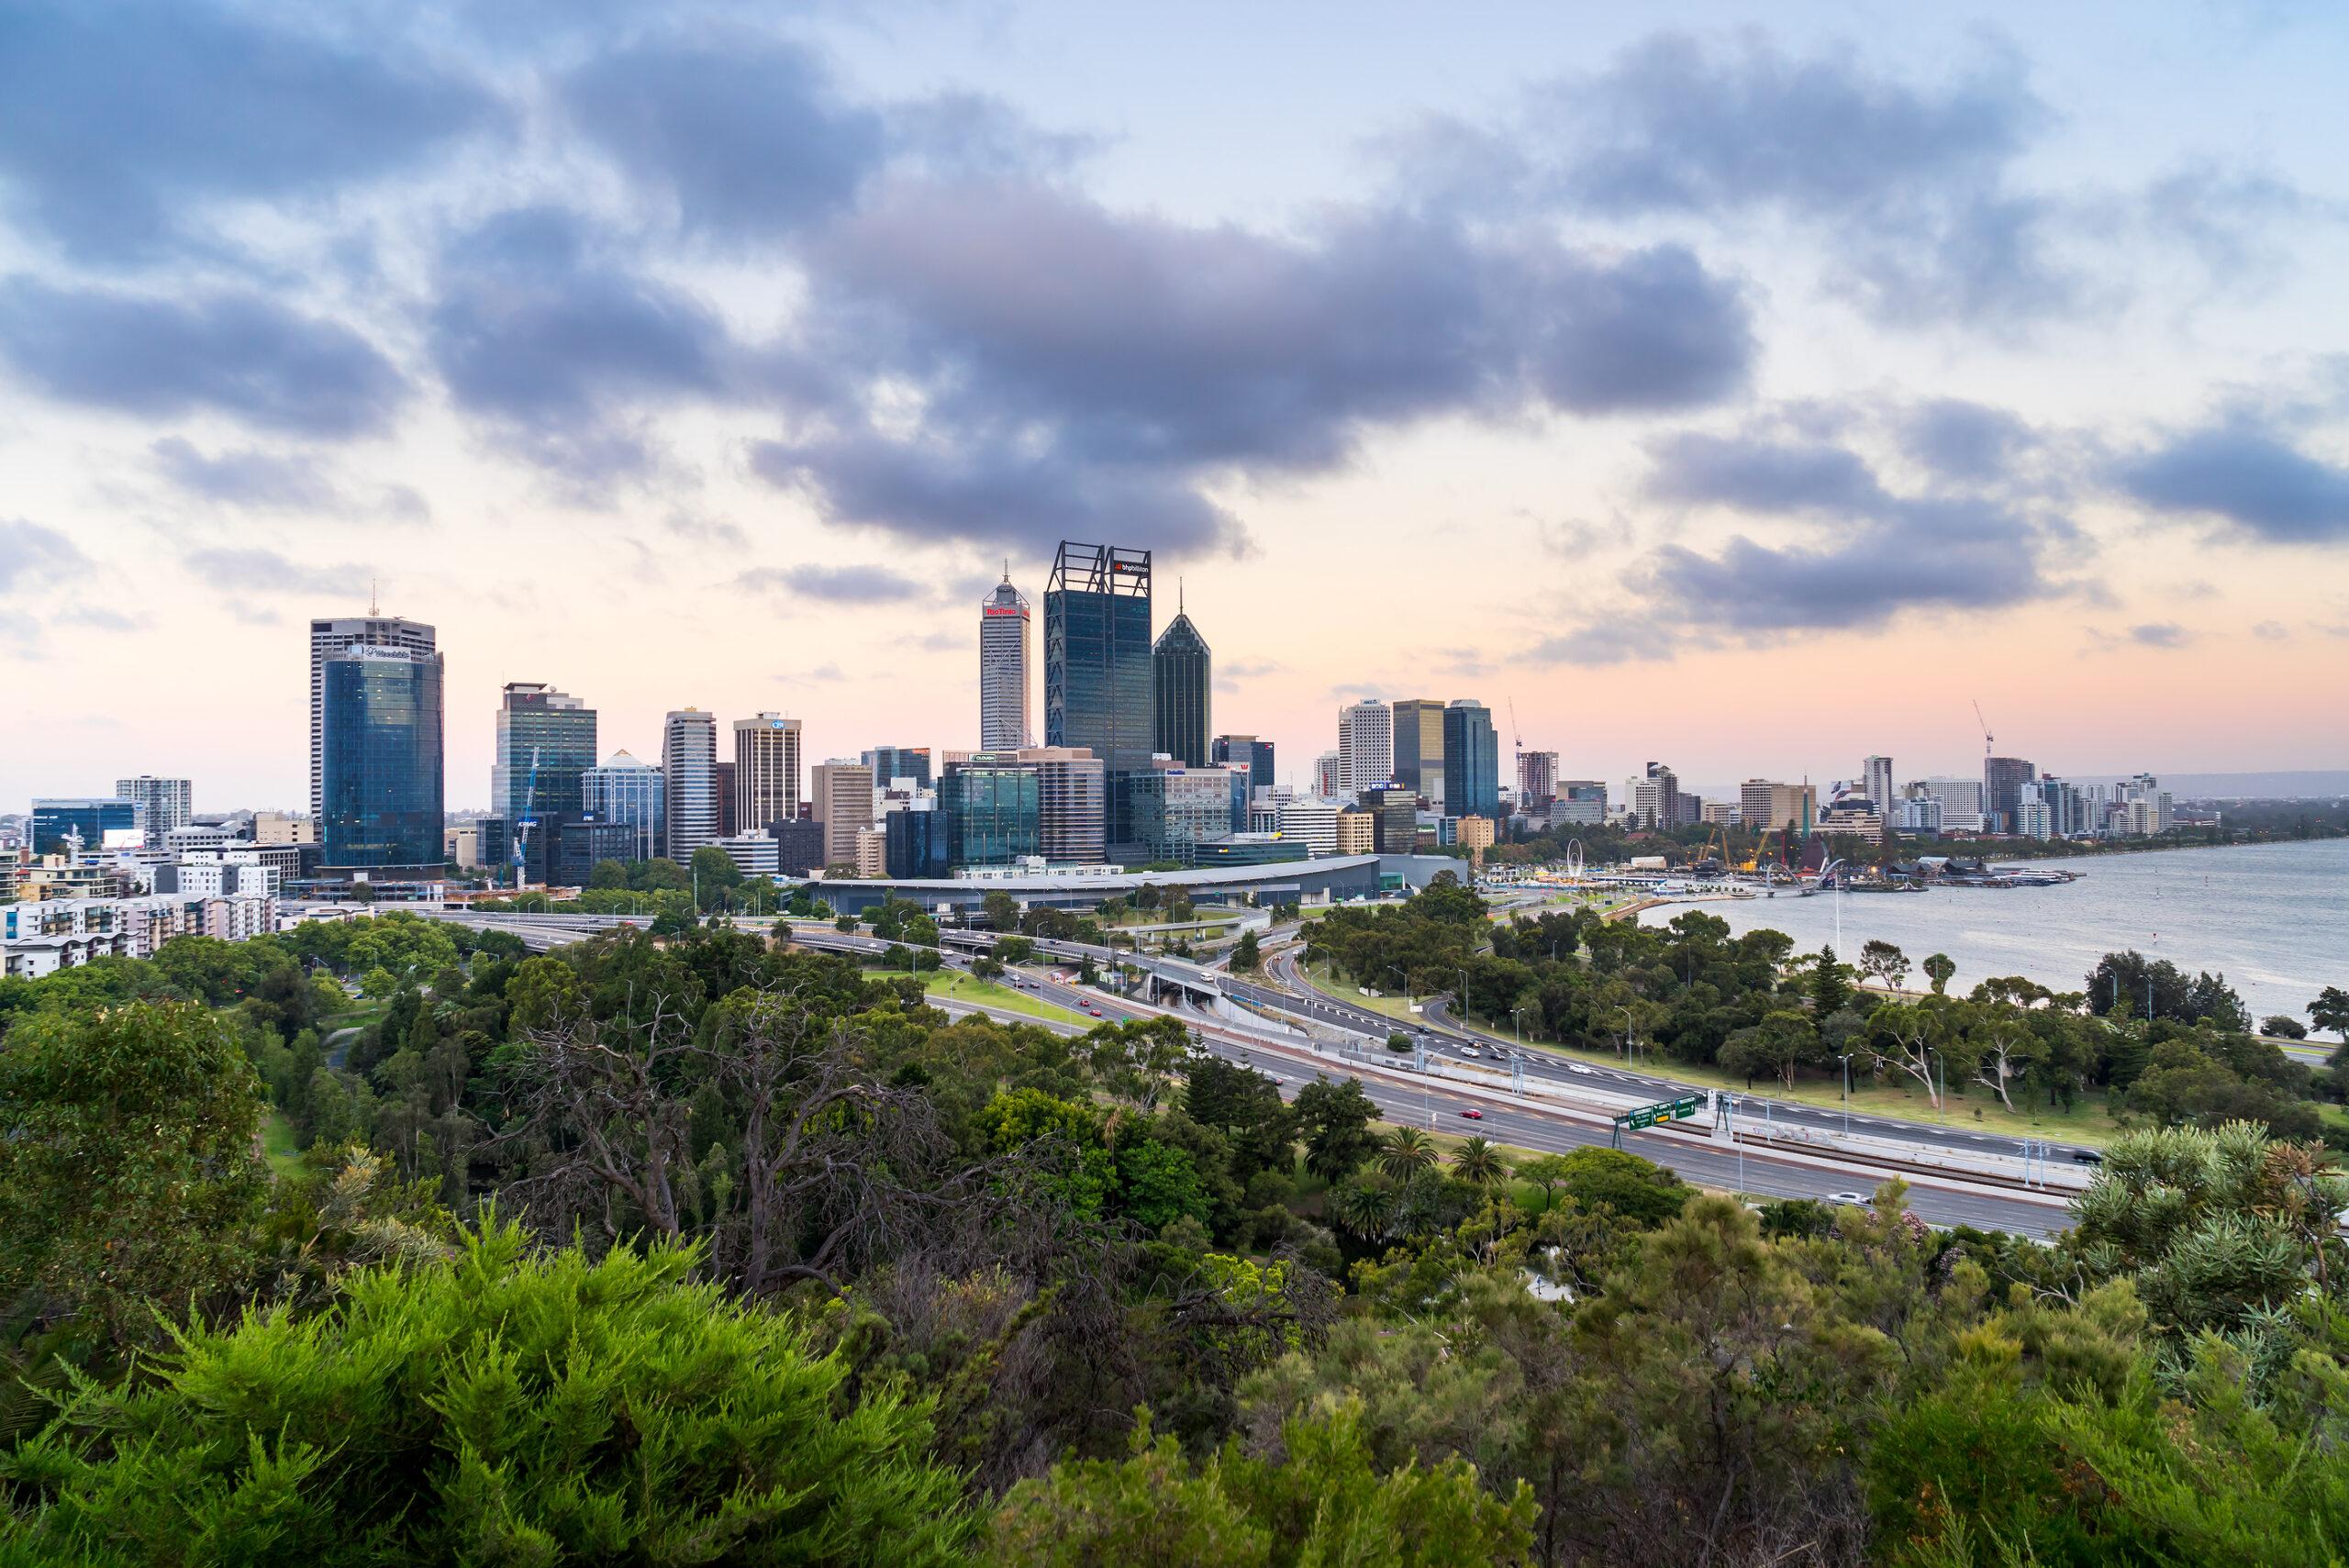 WA Property Market Update - Perth City Skyline